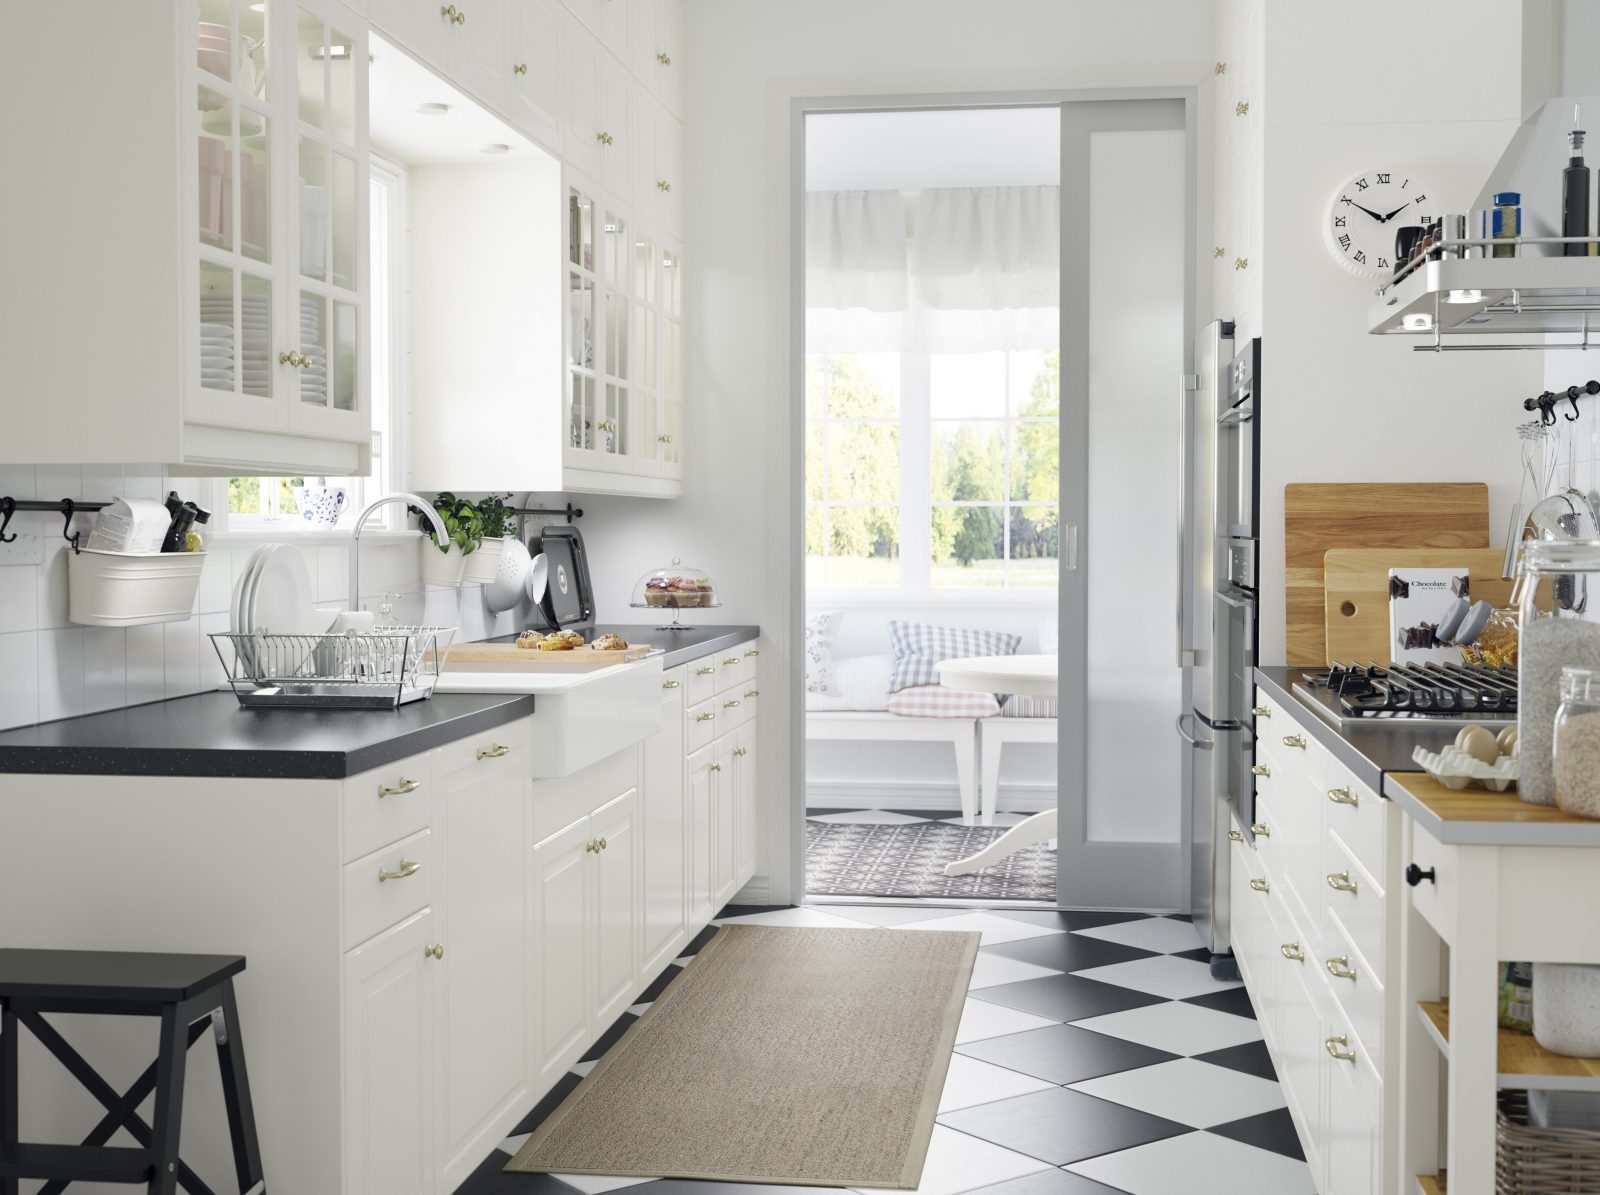 Ikea Küchen · Ratgeber Haus & Garten von Küche Landhausstil Weiß Ikea Bild